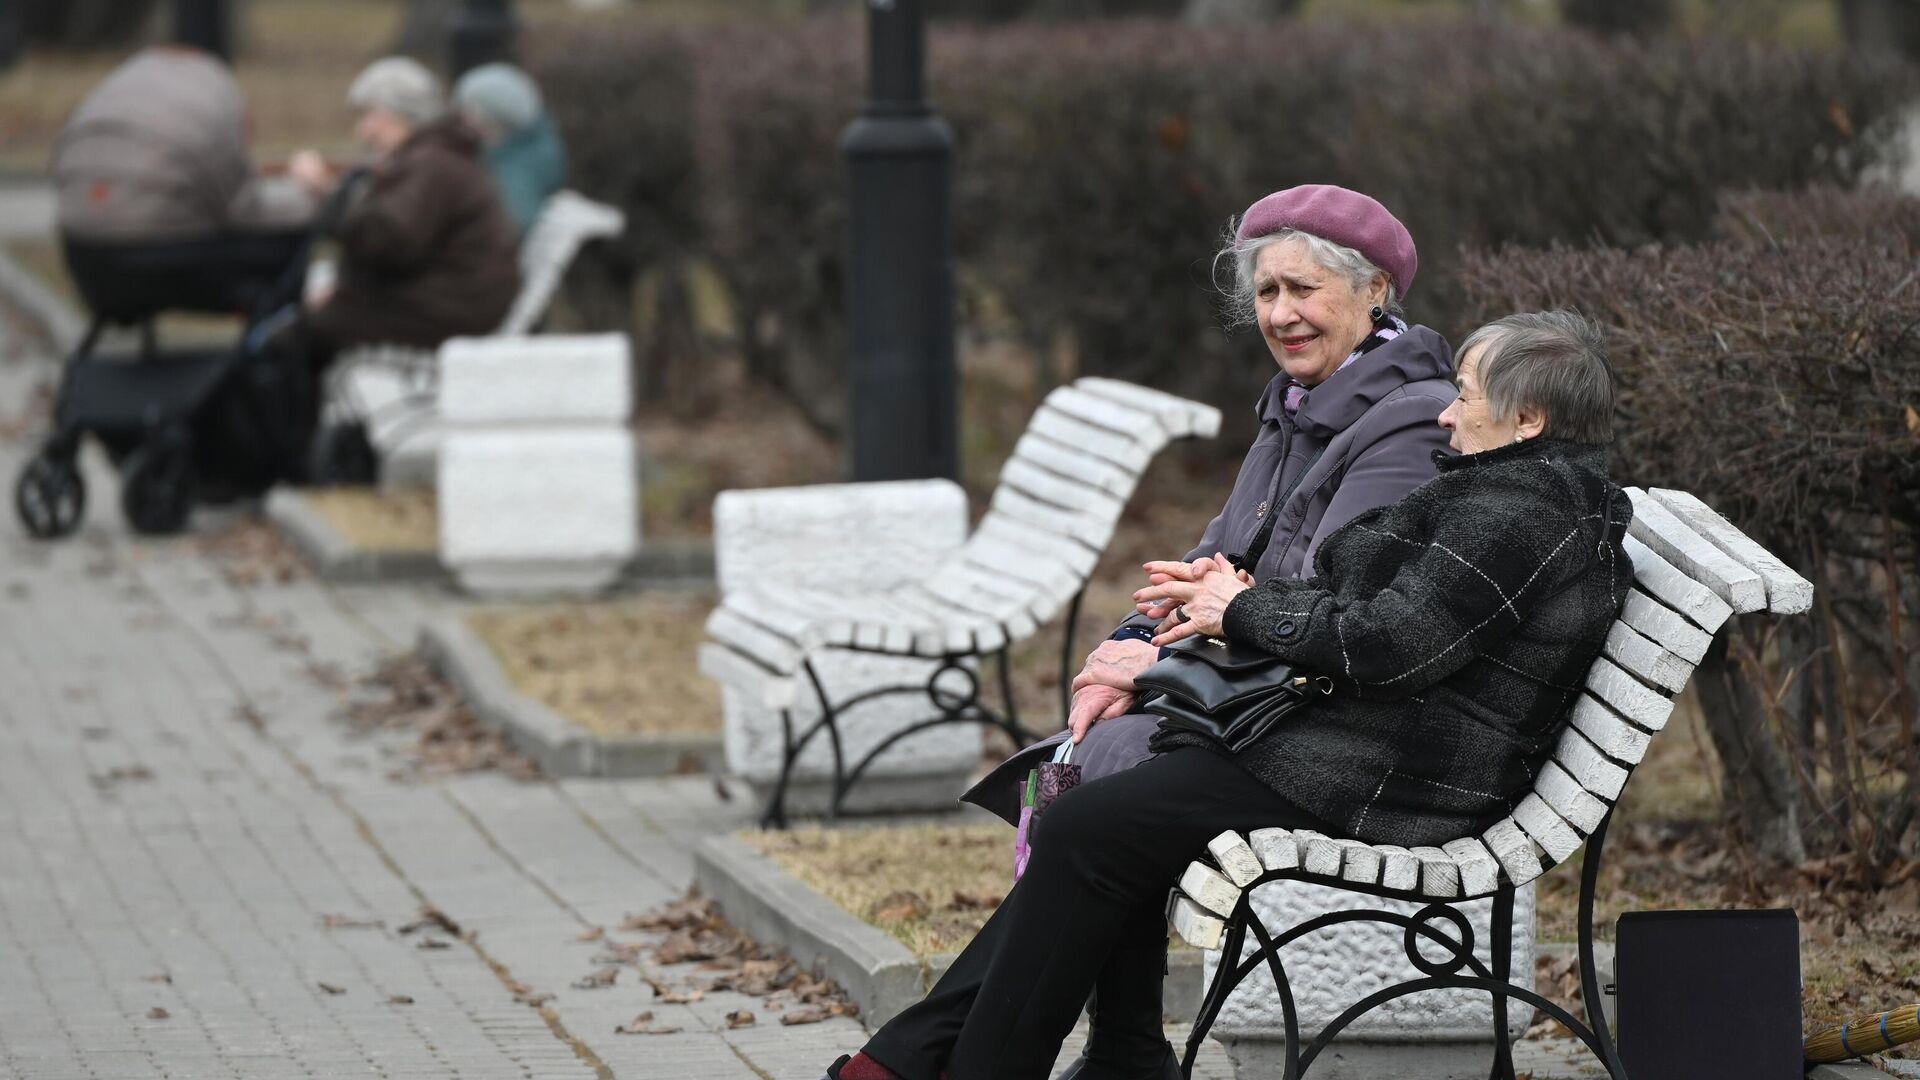 Женщины сидят на скамейке в Репинском сквере в Москве - РИА Новости, 1920, 27.09.2021